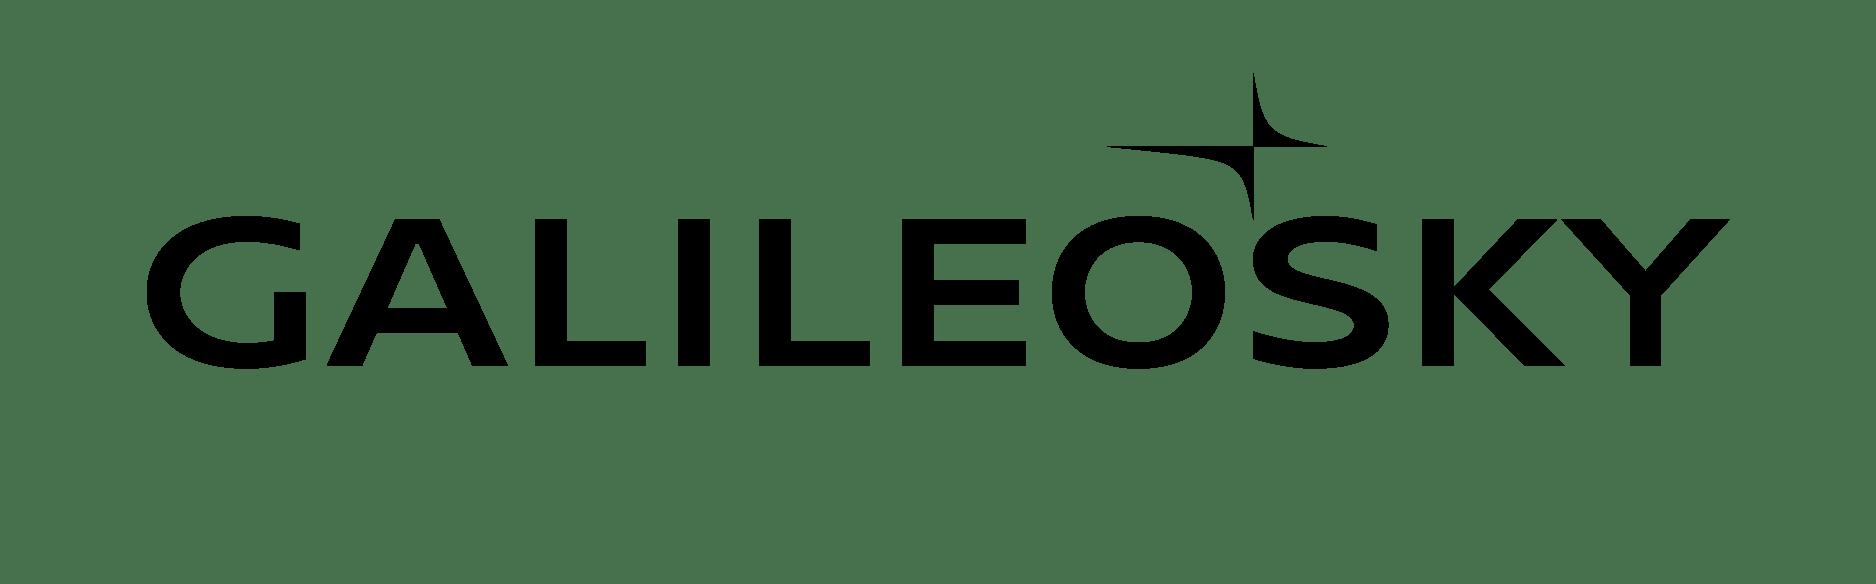 Galileosky company logo